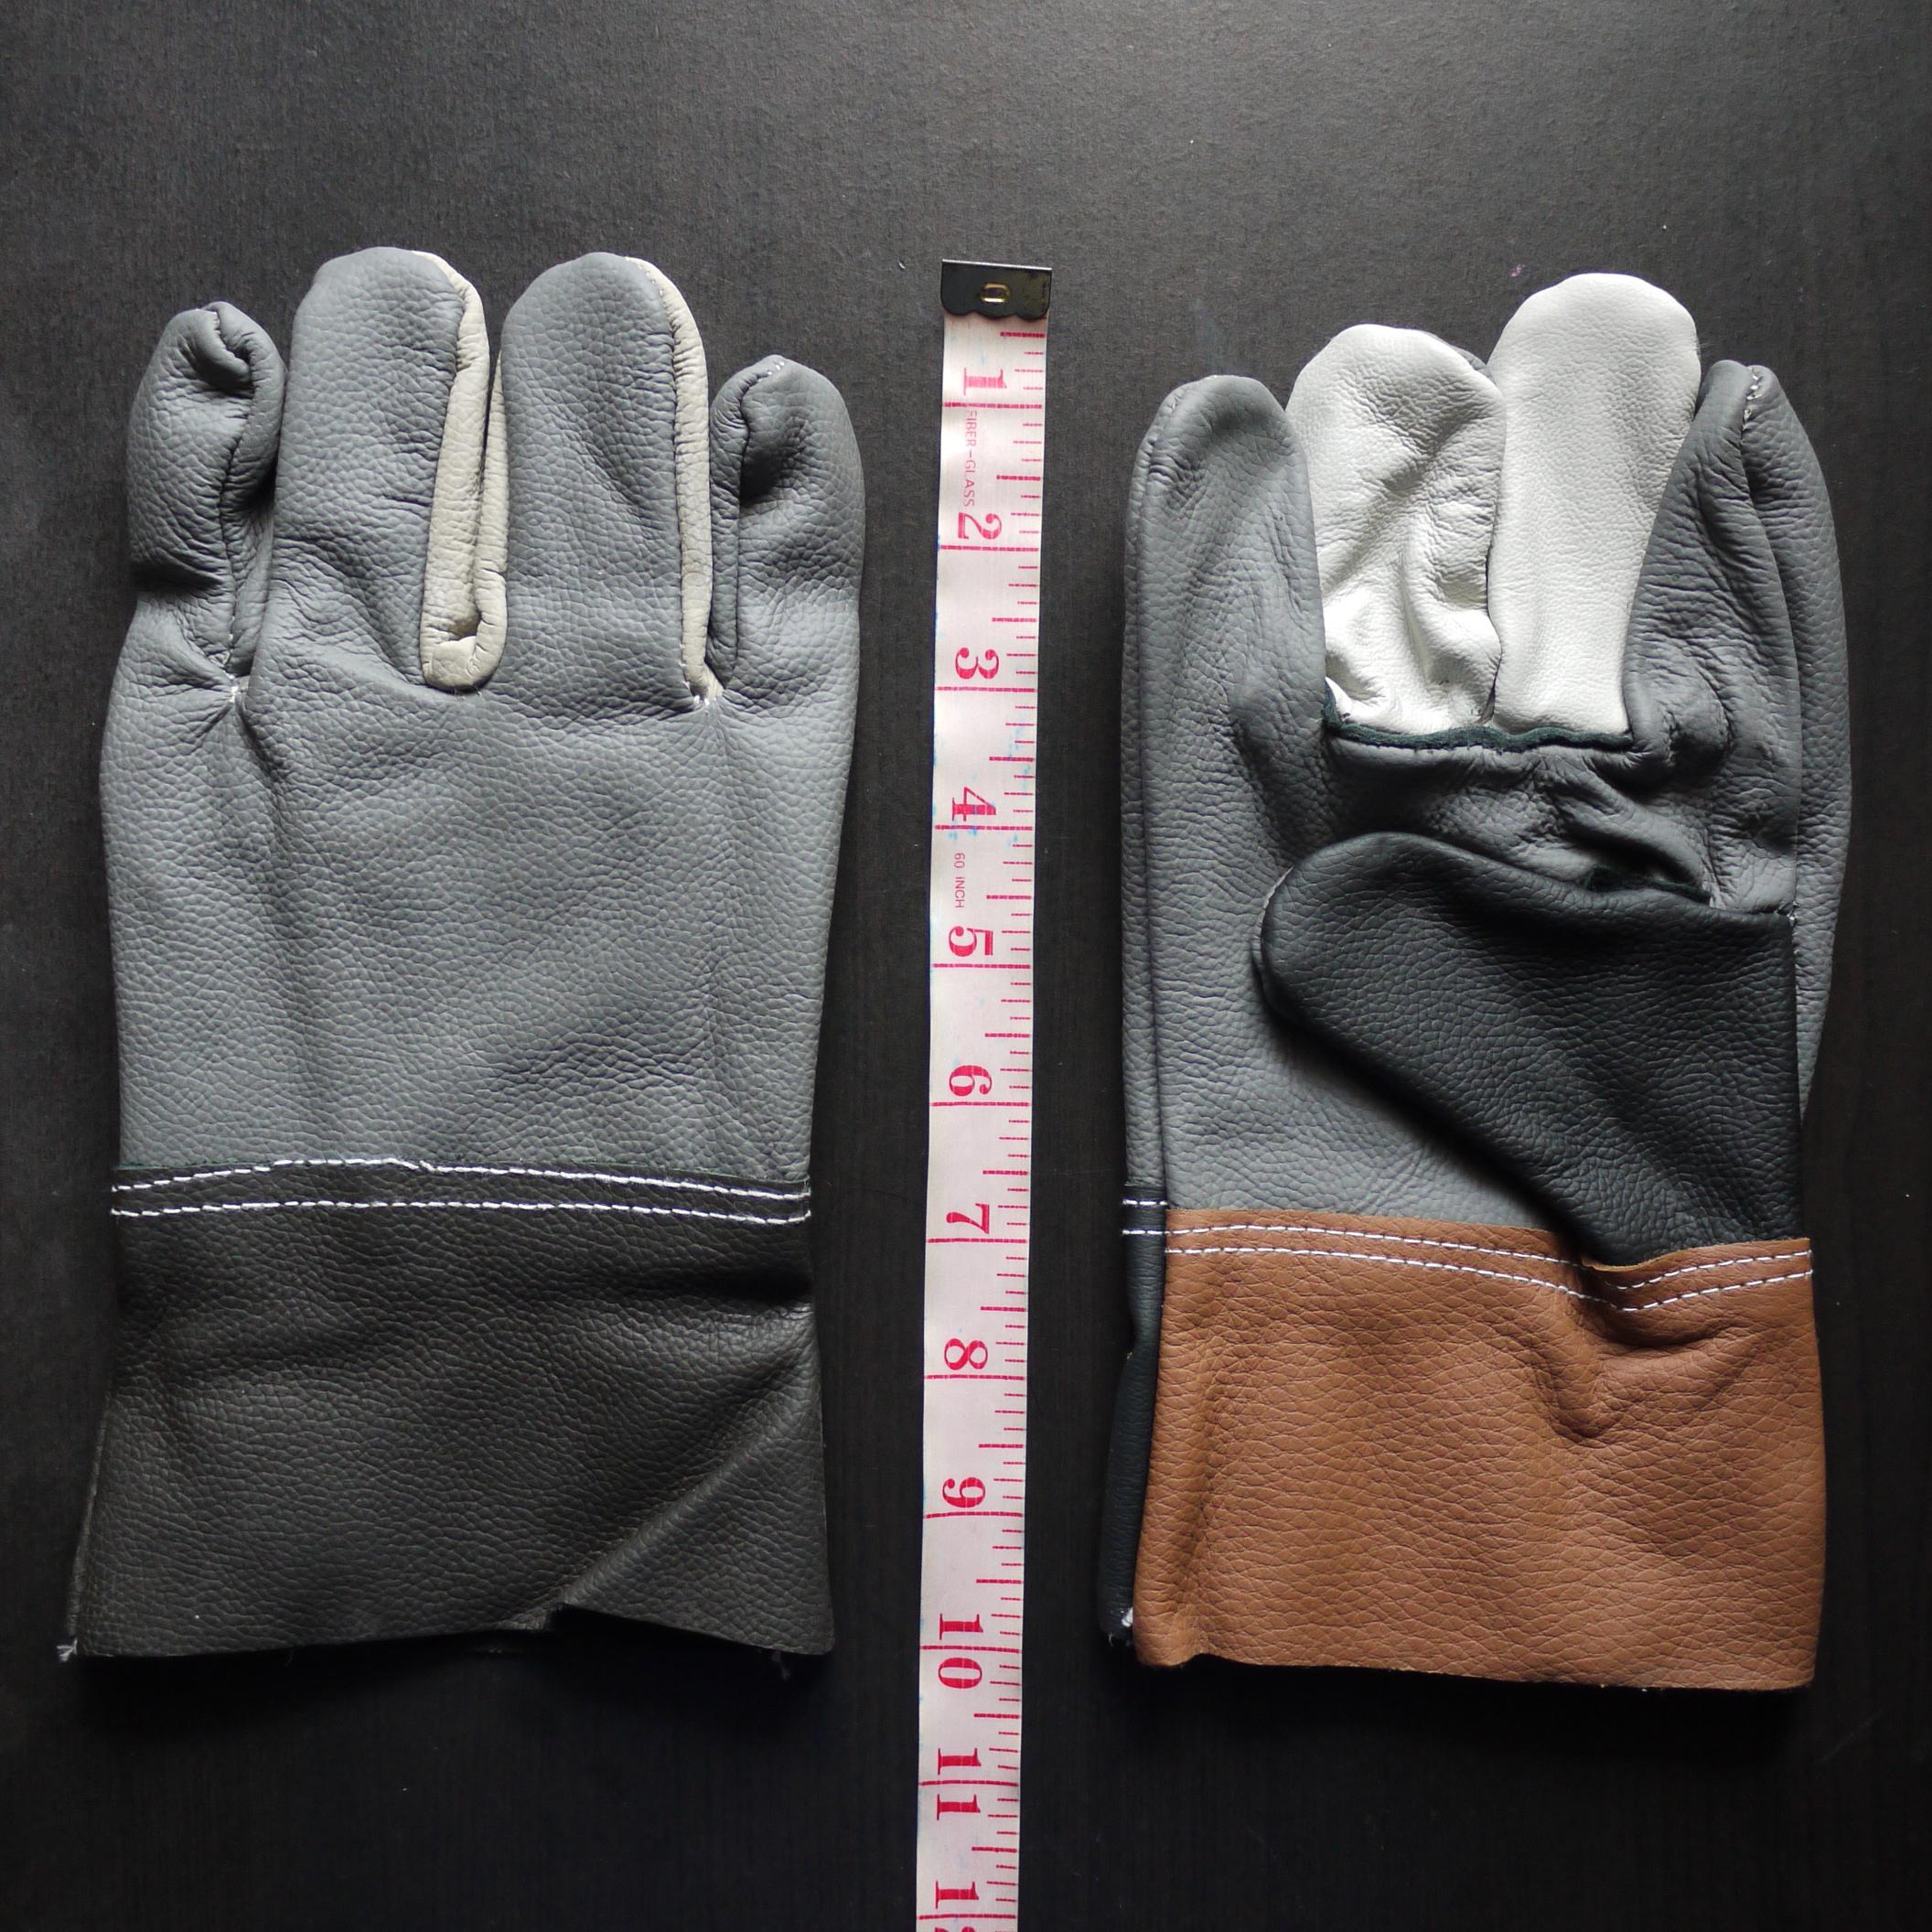 ถุงมือหนังเฟอร์นิเจอร์ล้วน ยาว 10 นิ้ว